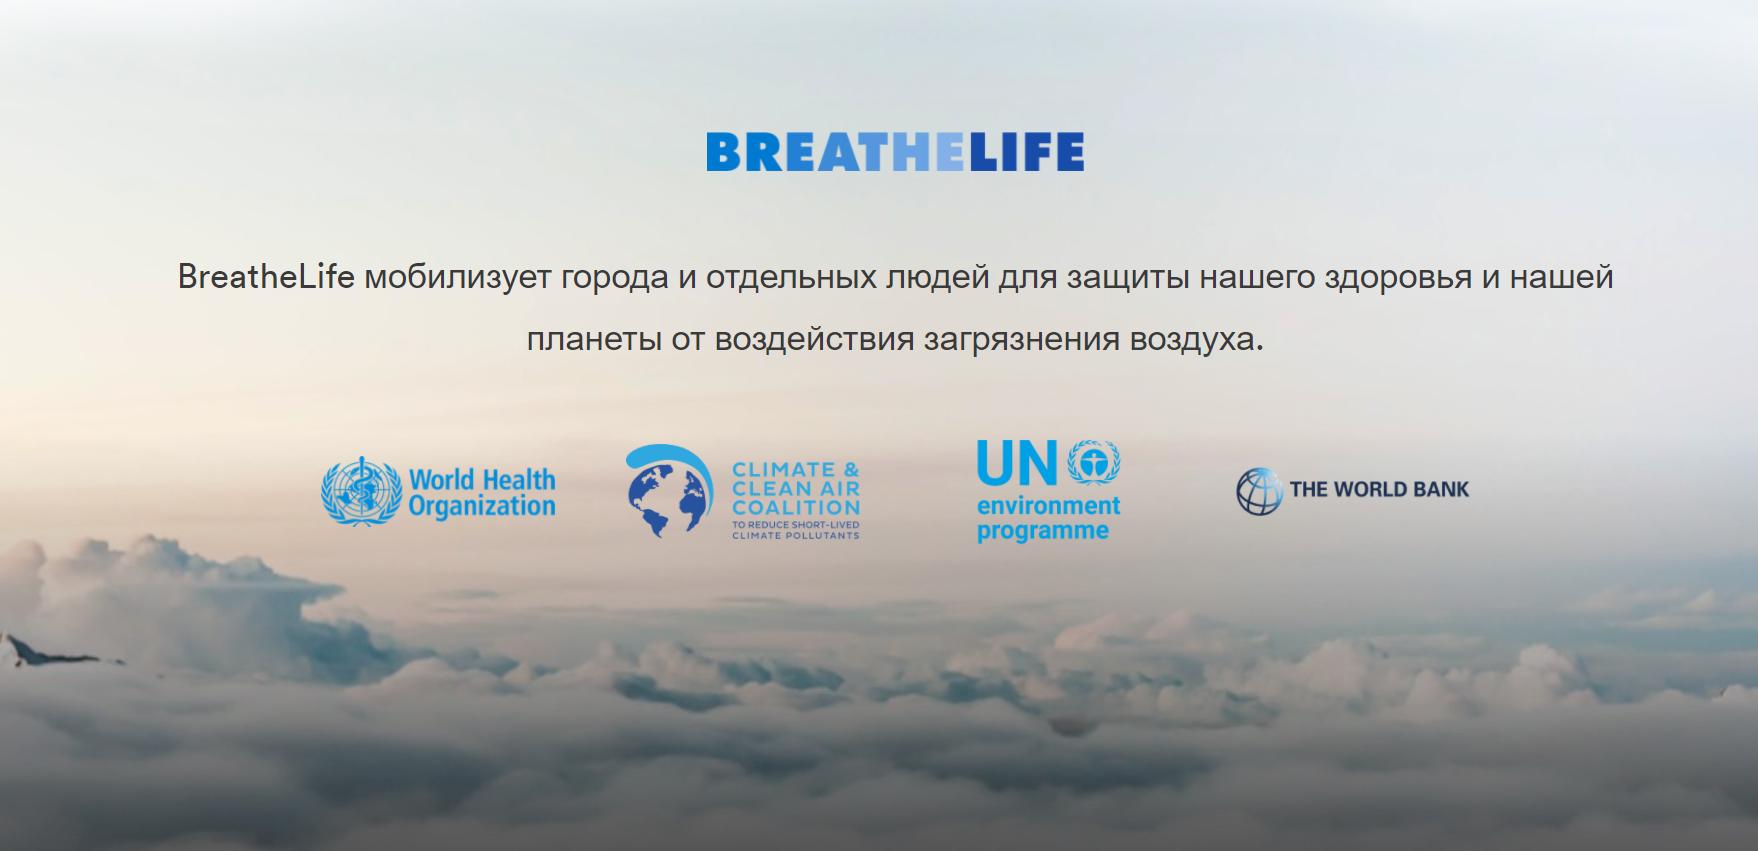 В Российском экологическом обществе состоялся Эко-завтрак, посвященный вопросам реализации международной инициативы «BreatheLife»